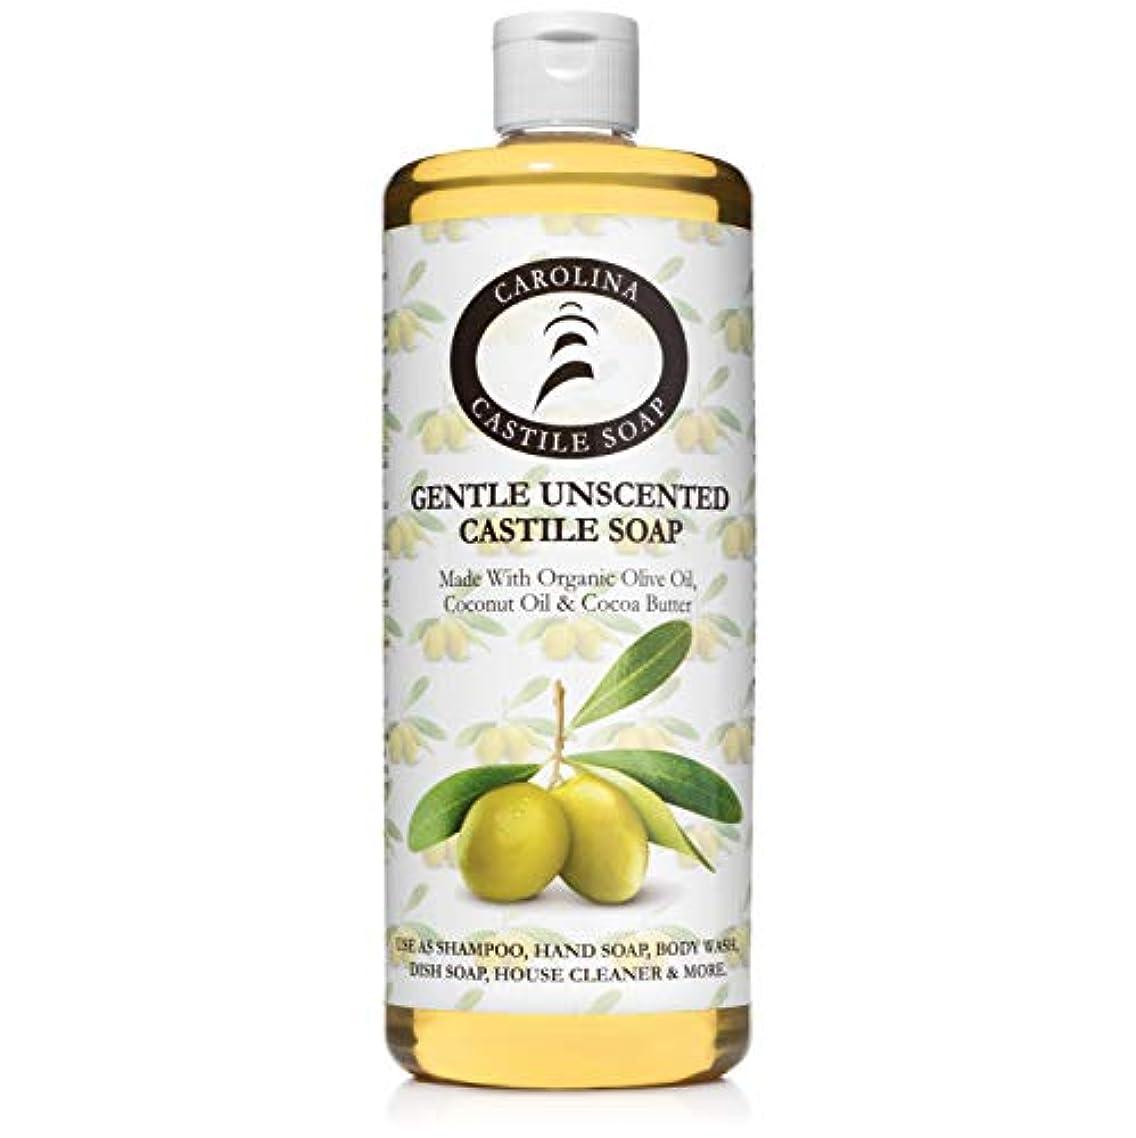 巨大な対抗過度のCarolina Castile Soap ジェントル無香料認定オーガニック 32オズ